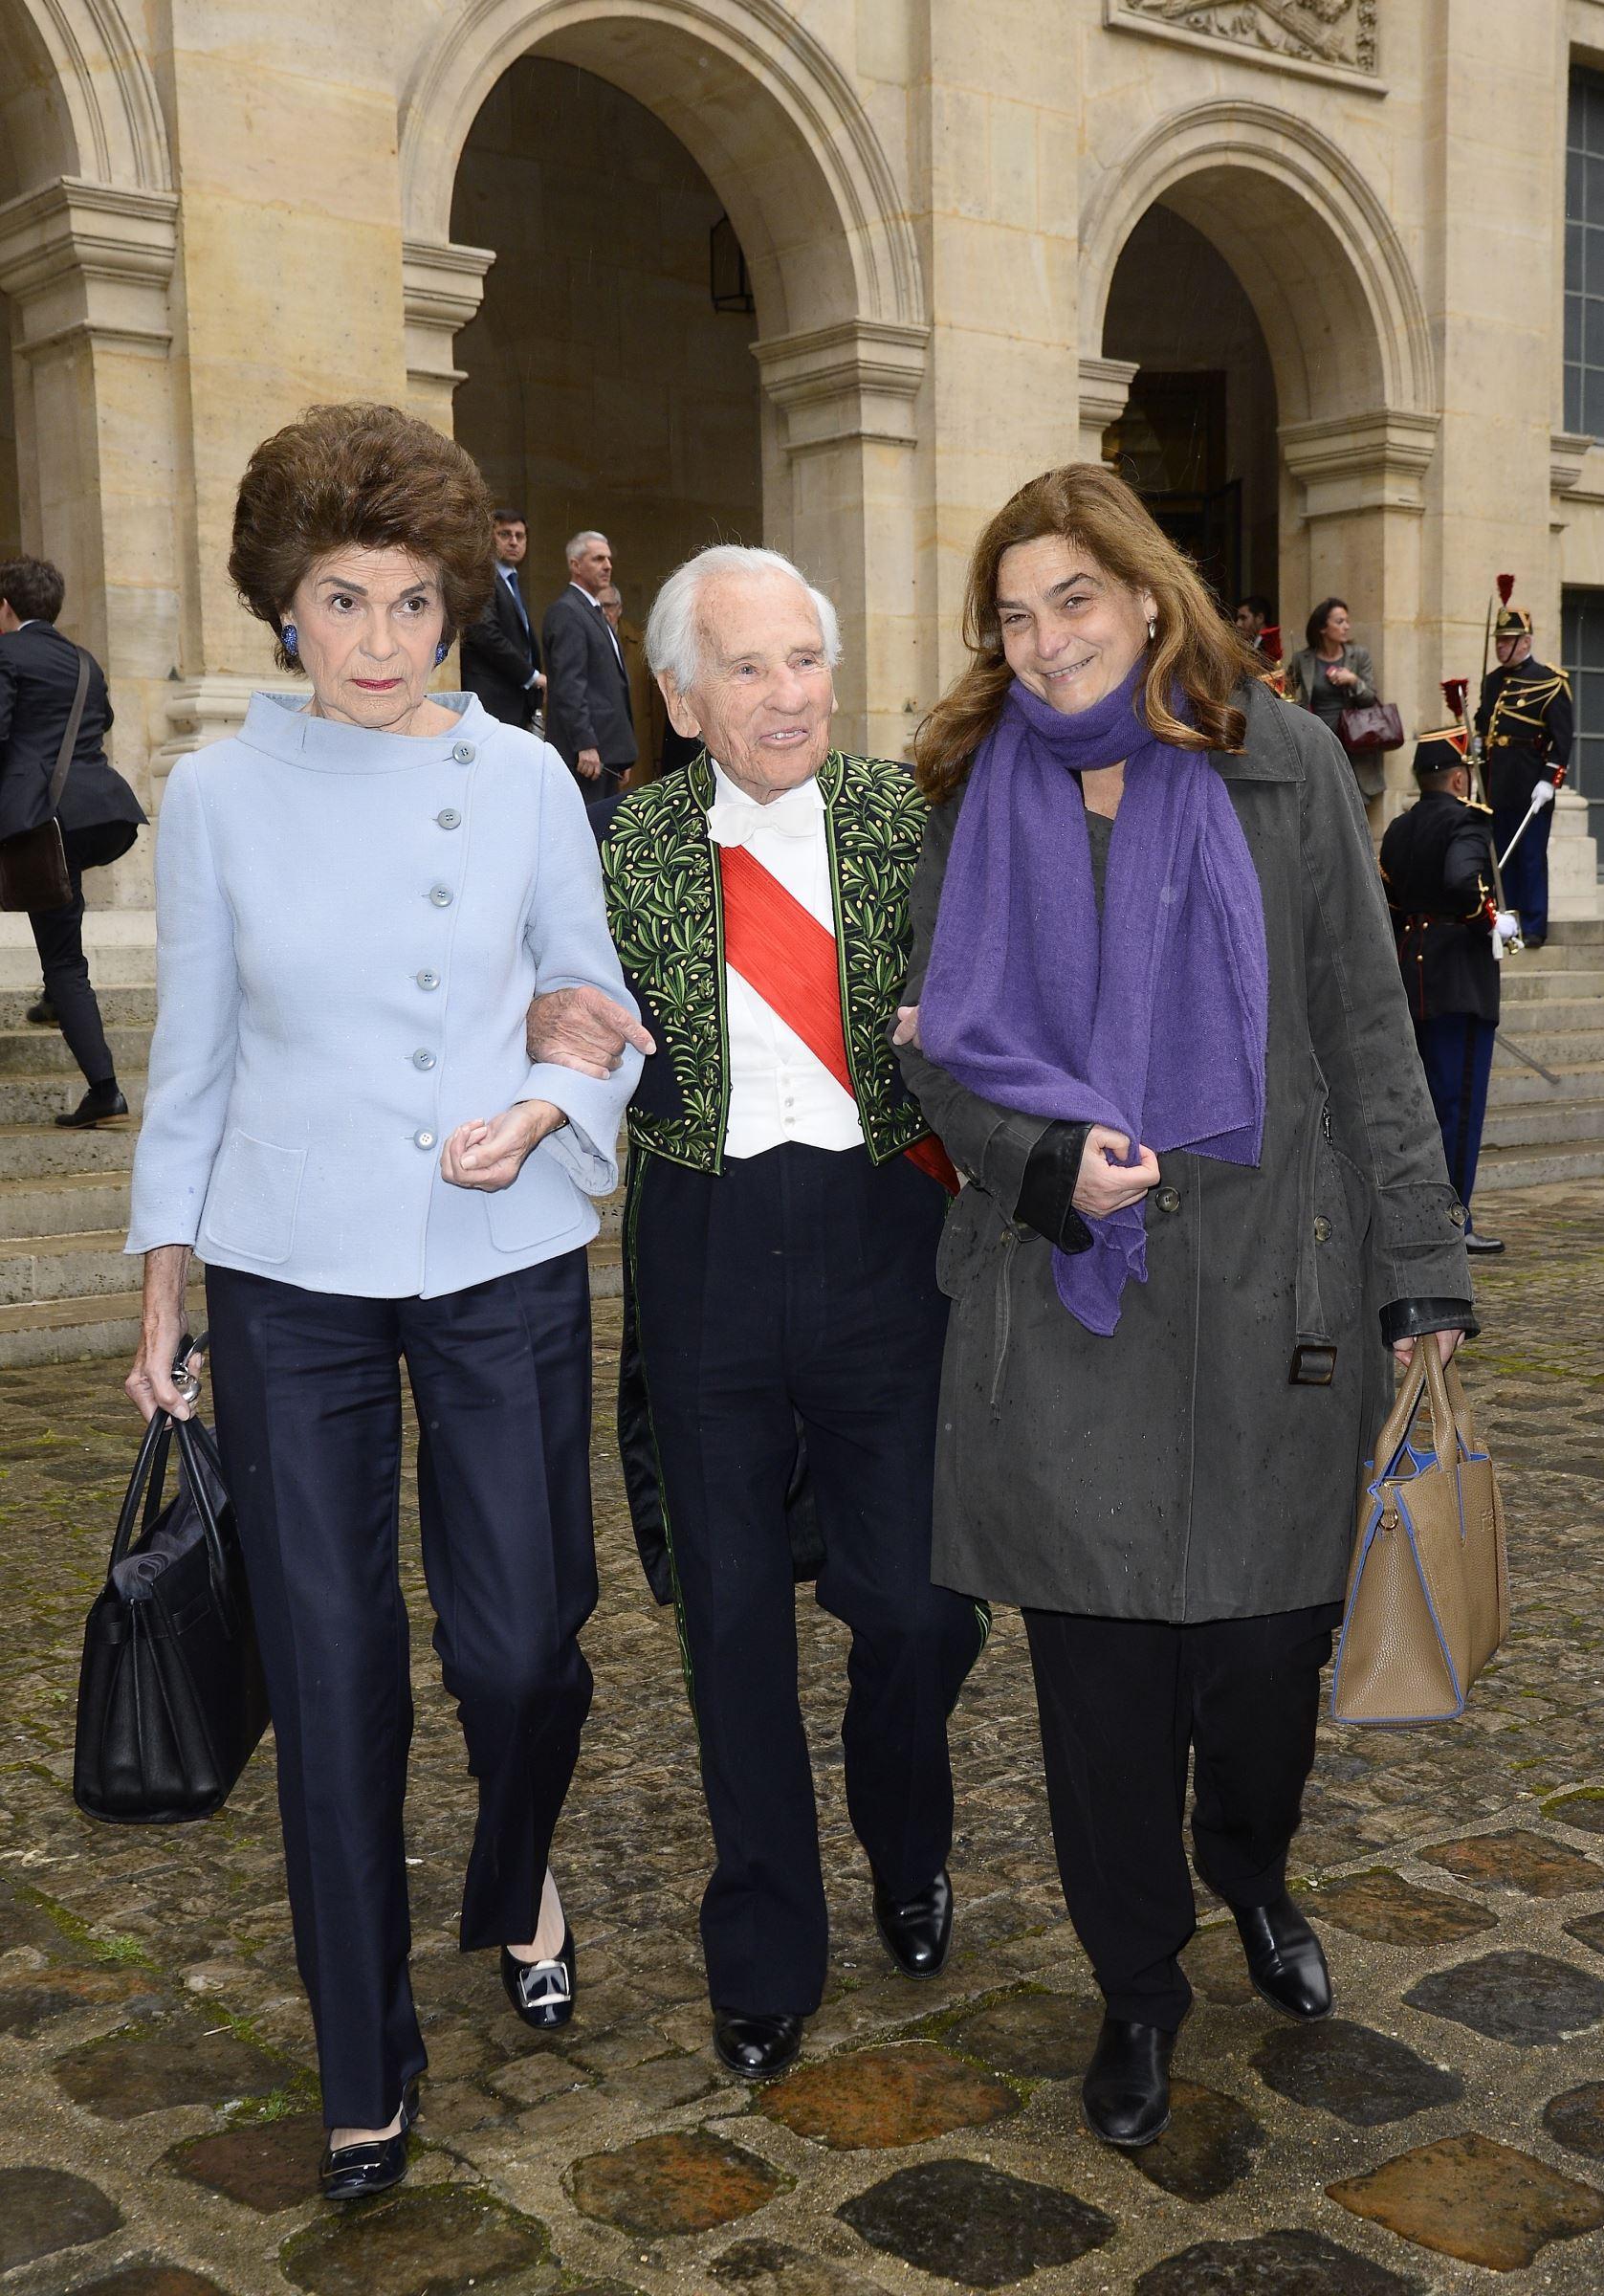 Qui Est La Femme De Jean D Ormesson : femme, ormesson, D'Ormesson, Héloïse,, Fille, Télé